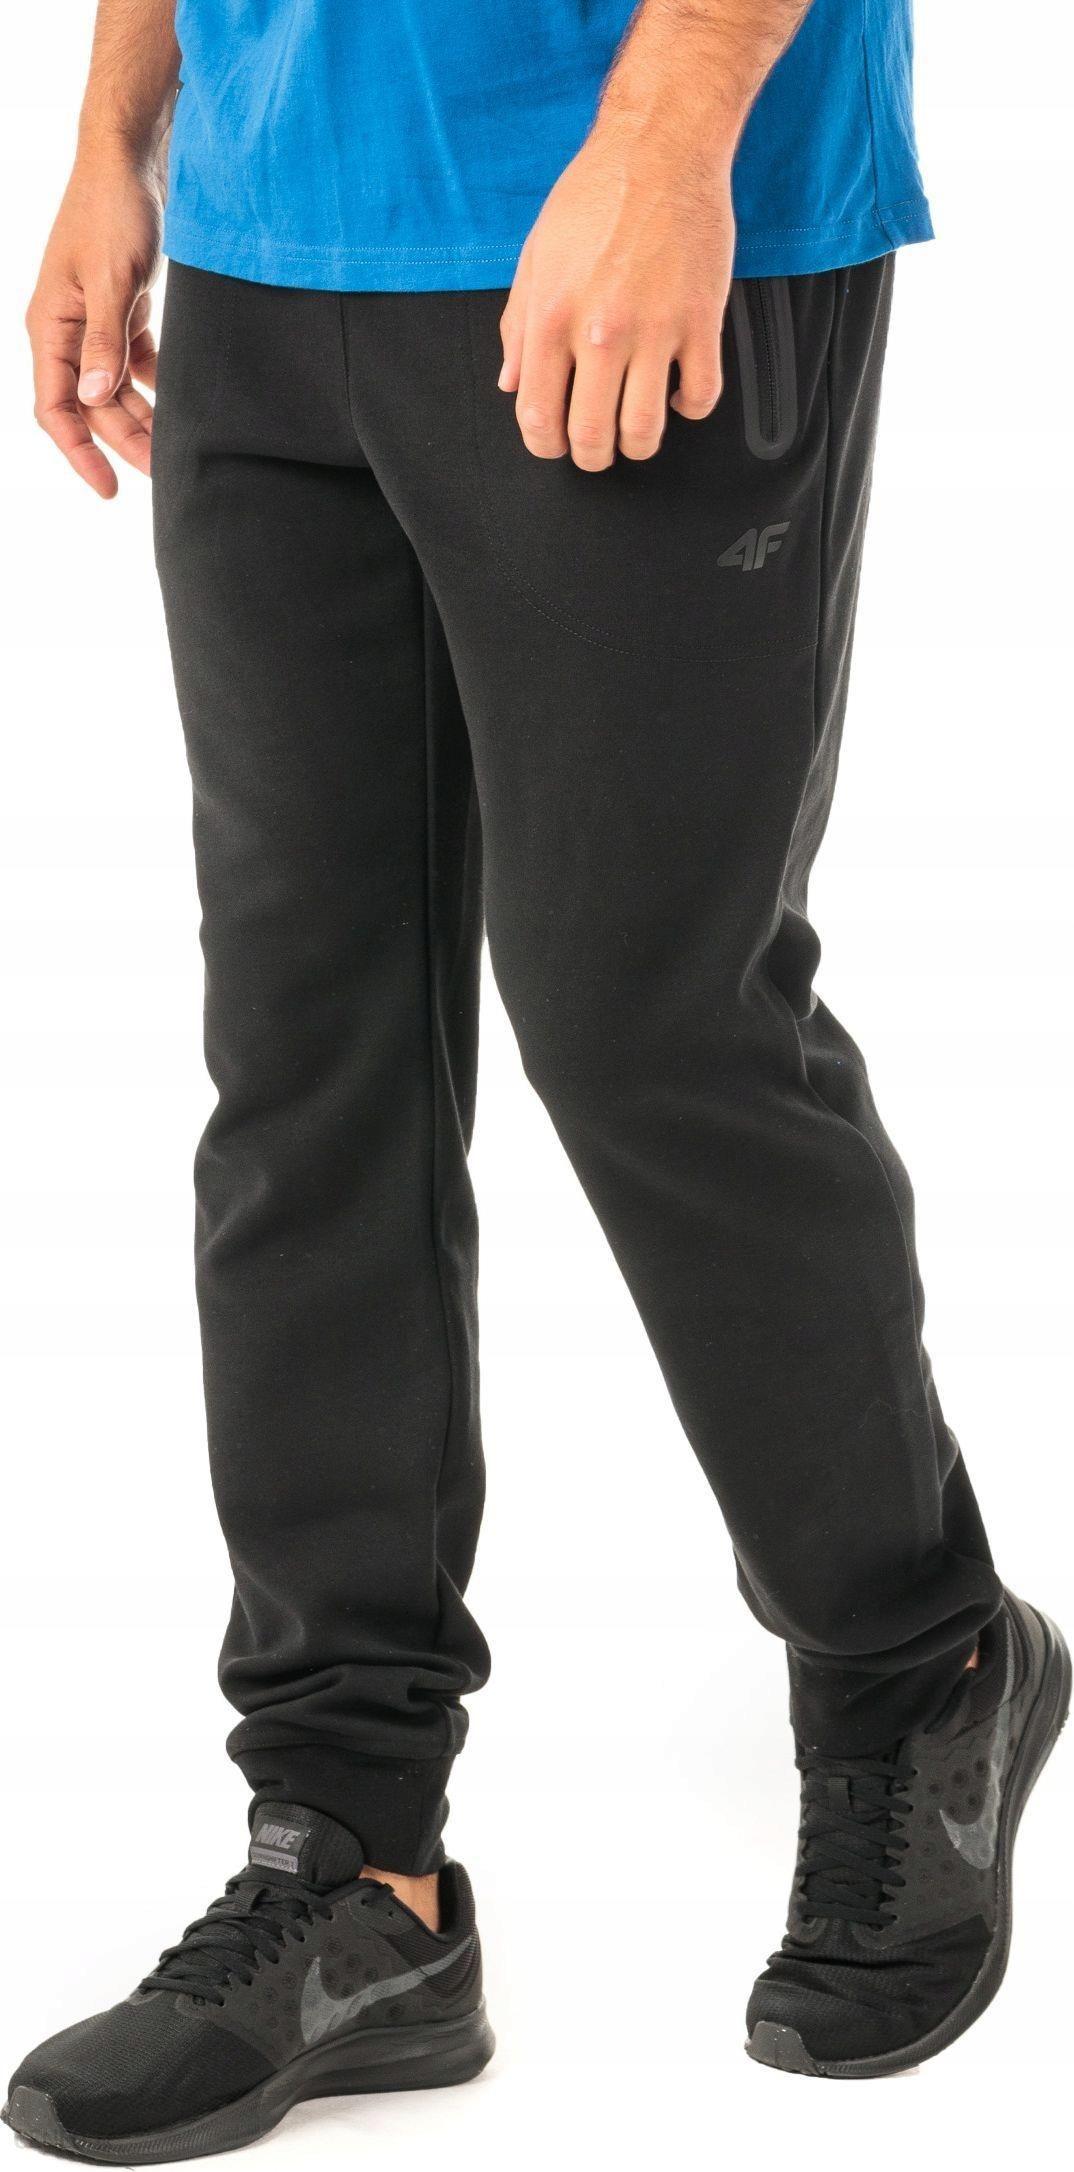 faf874ed 4F Spodnie męskie dresowe H4Z18 SPMD006 r. XXL - Ceny i opinie ...